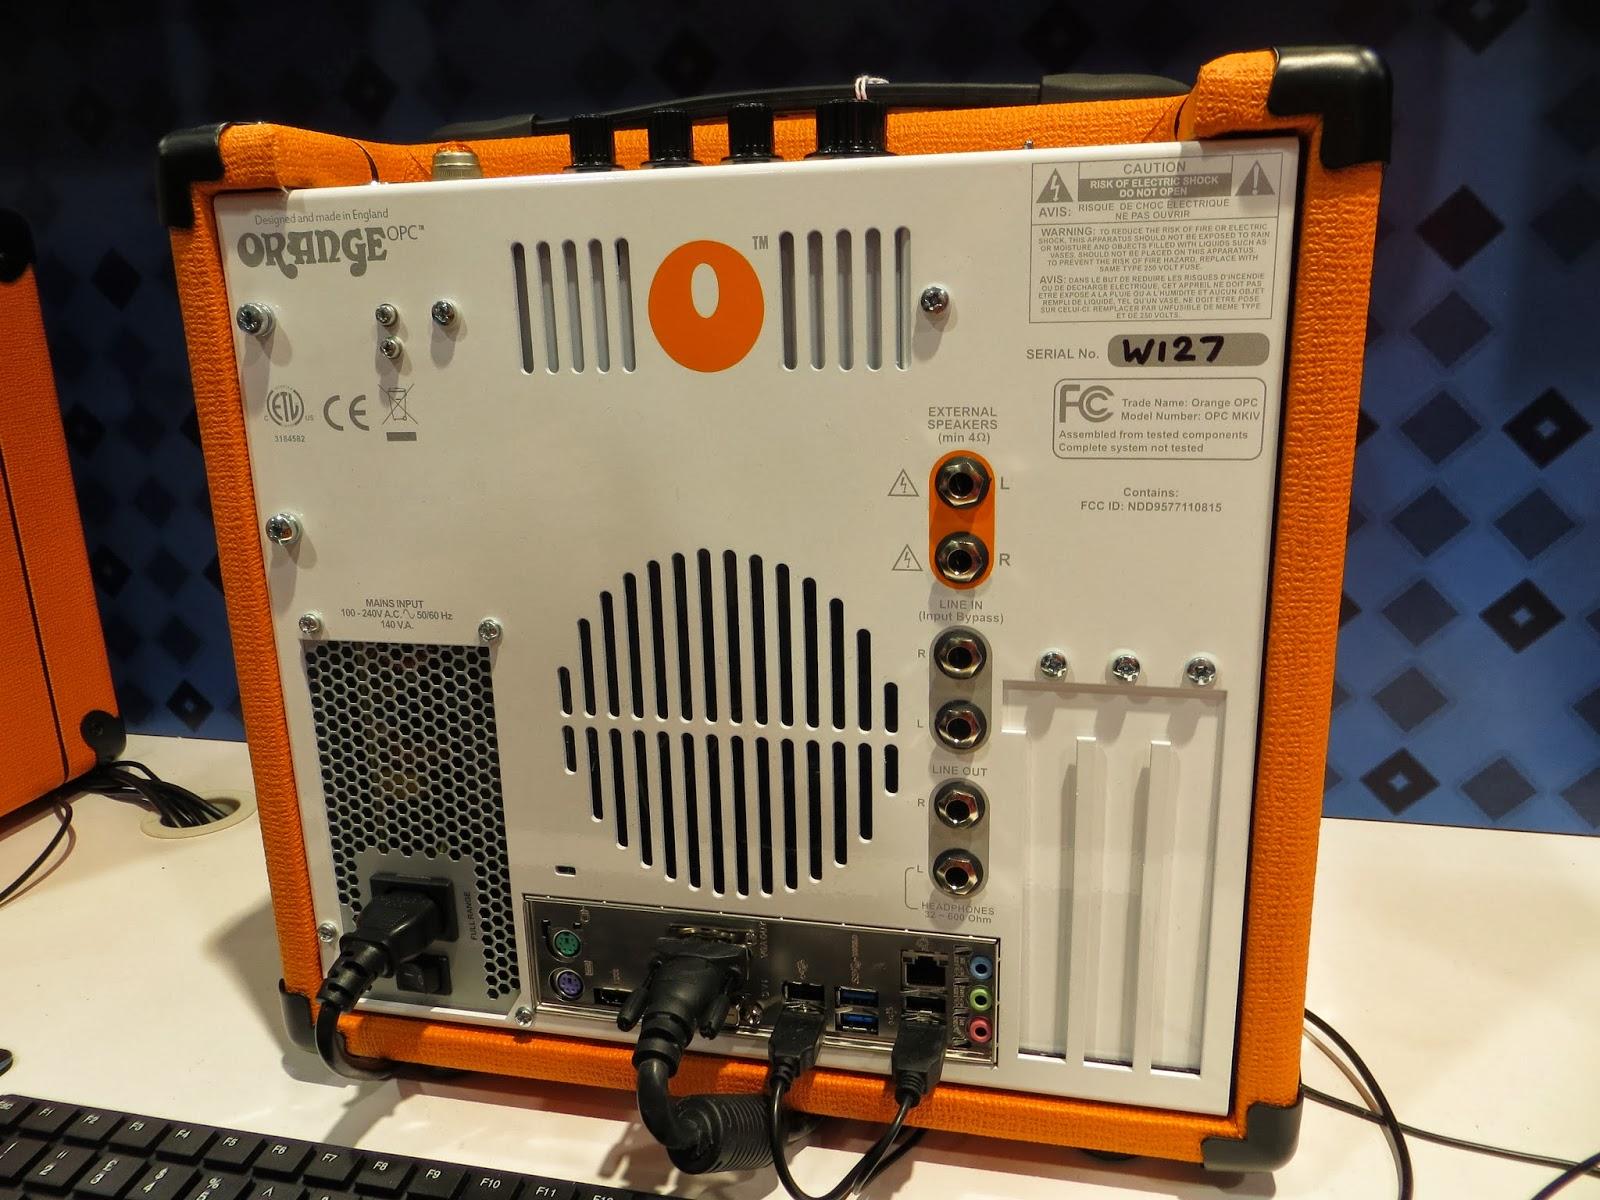 orange amp computer, orange computer amp, computer amp